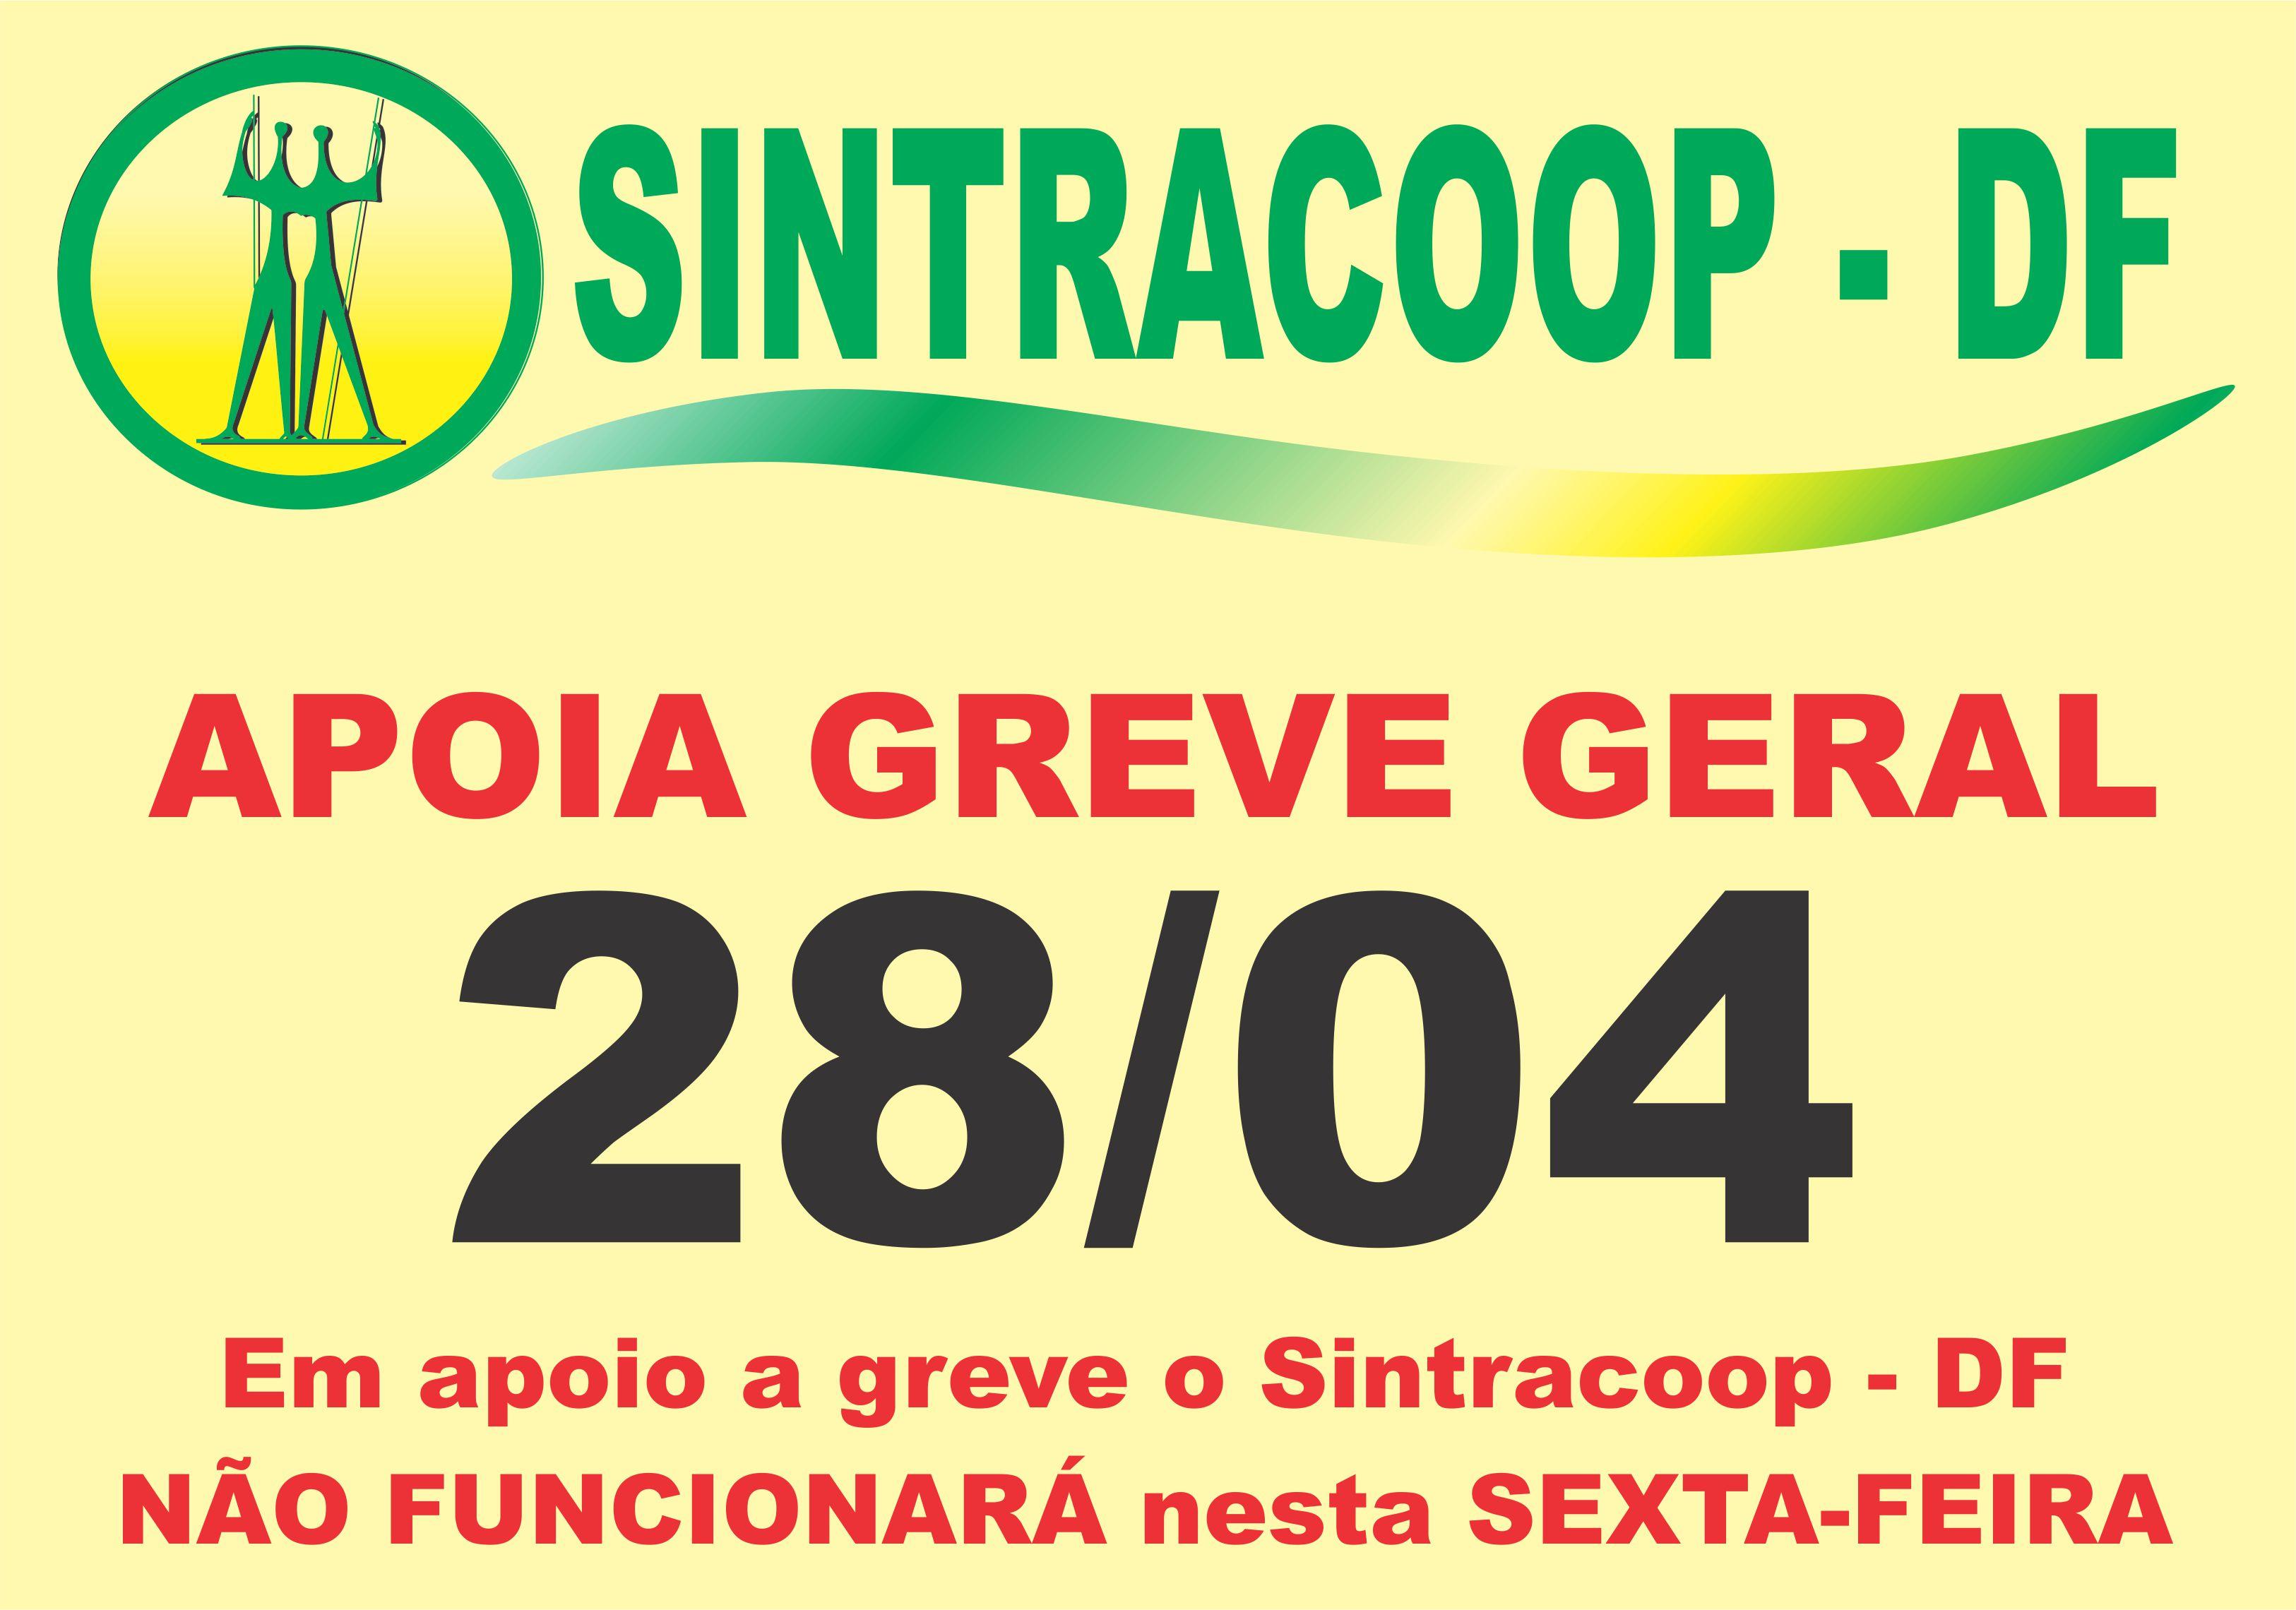 SINTRACOOP - DF NÃO FUNCIONA NESTA SEXTA-FEIRA